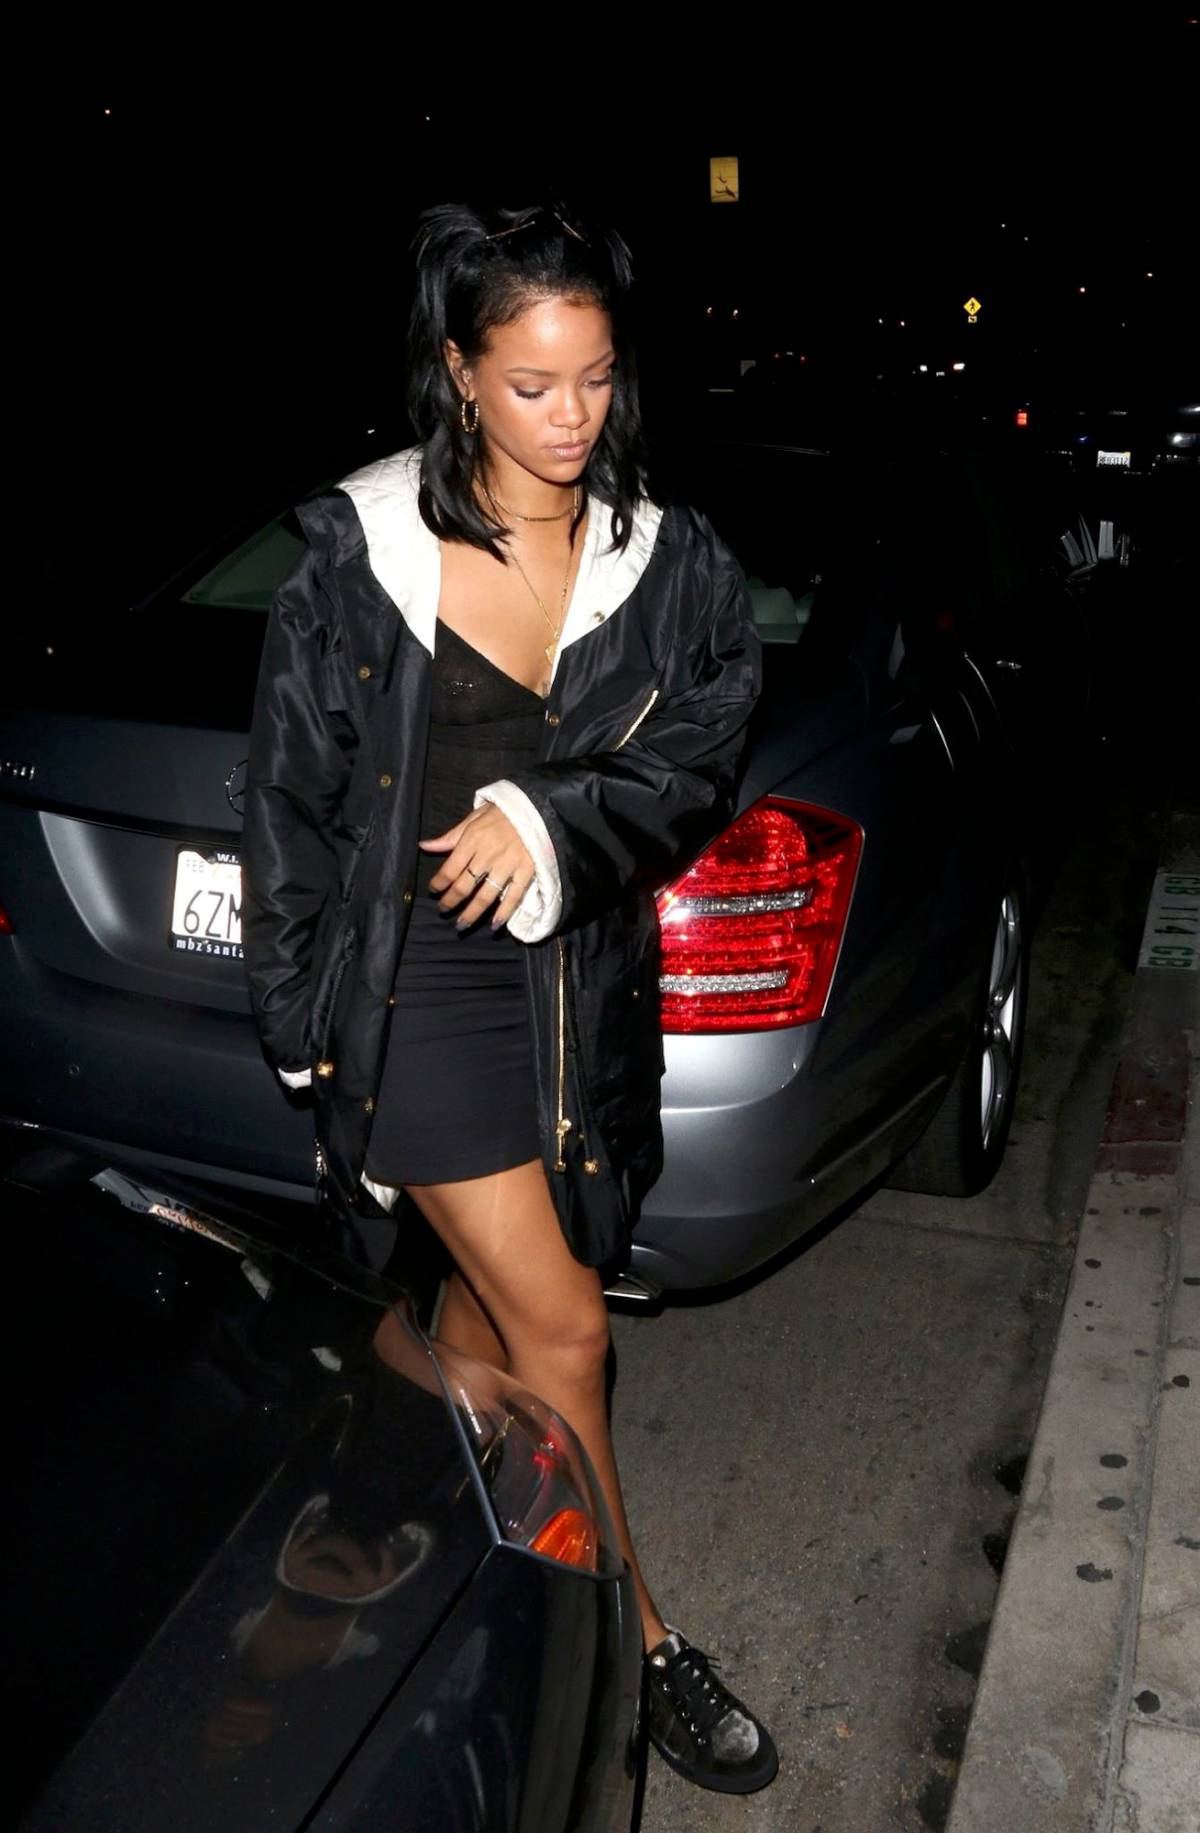 342462347_RihannaBralessLAPi1_122_128lo.jpg